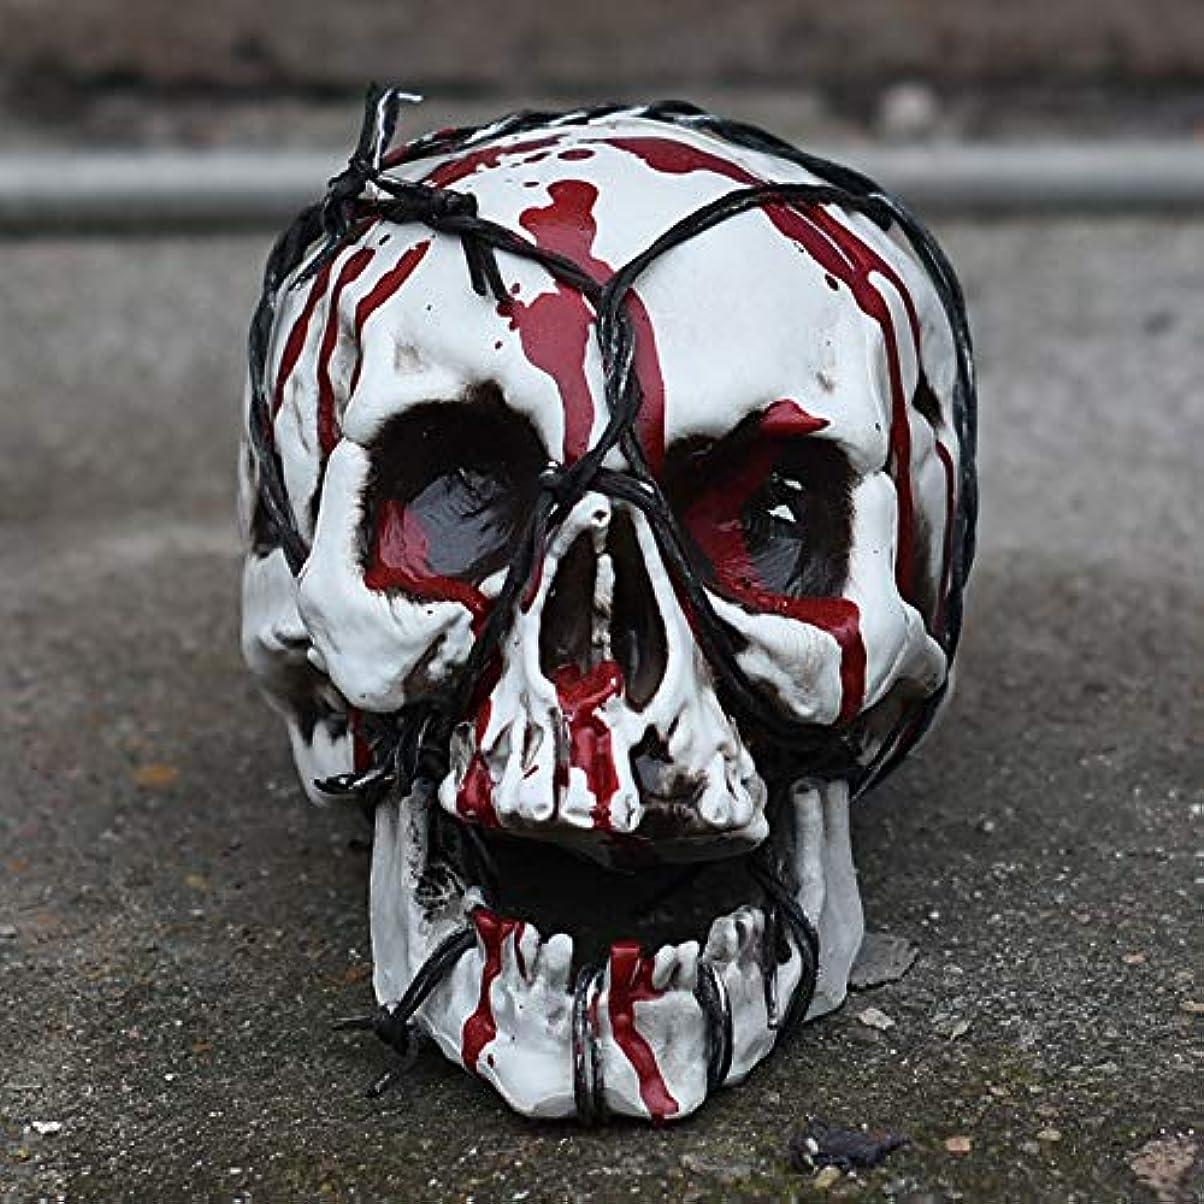 着飾るティッシュ憤るETRRUU HOME ハロウィーンシミュレーション人間の骨モデルホラースカル装飾ルームお化け屋敷バーコスプレ装飾小道具